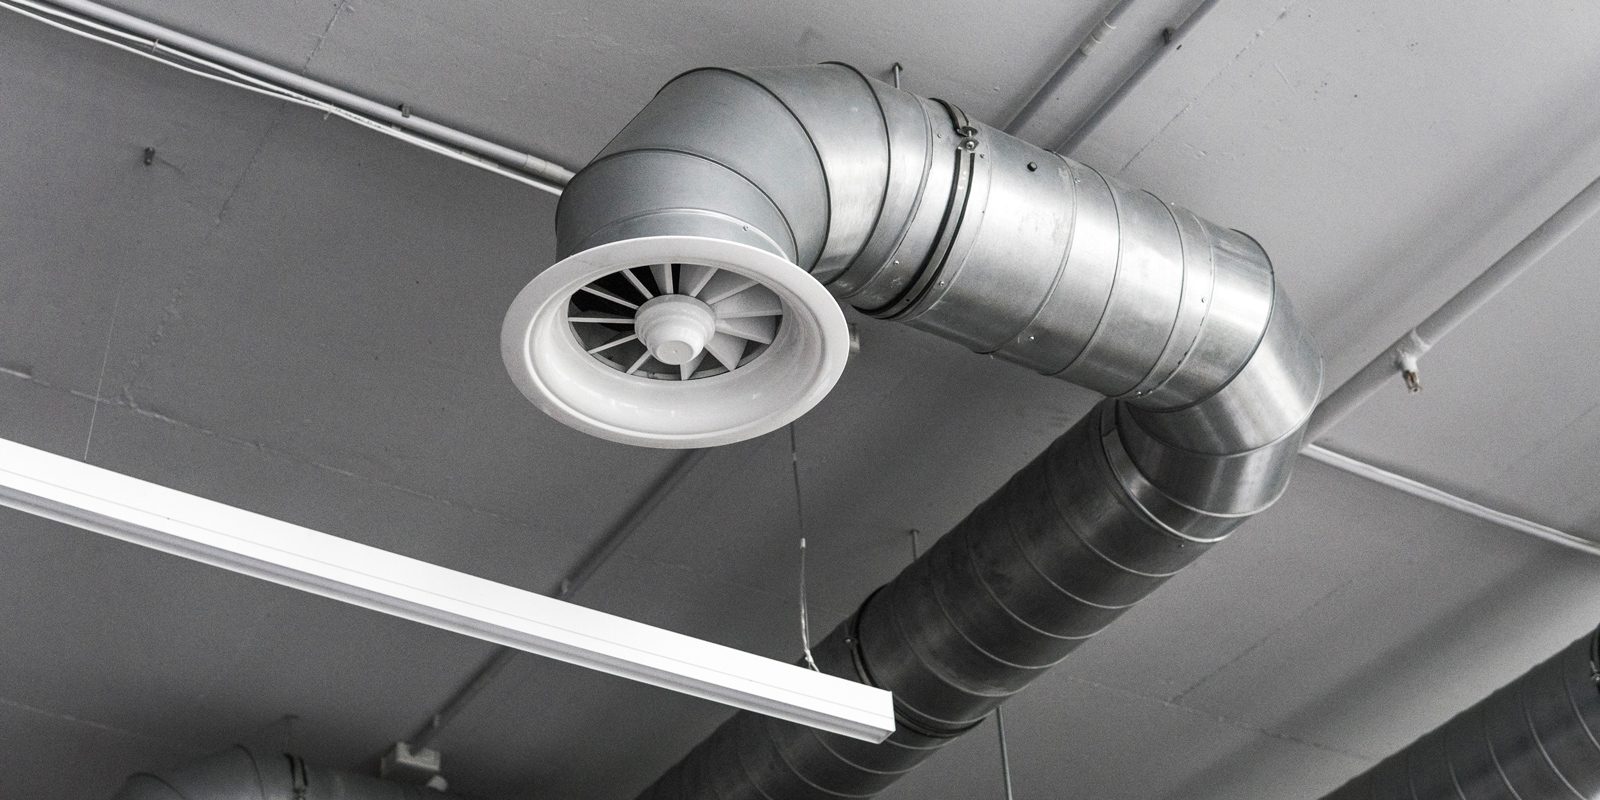 Impianti di ventilazione e condizionamento